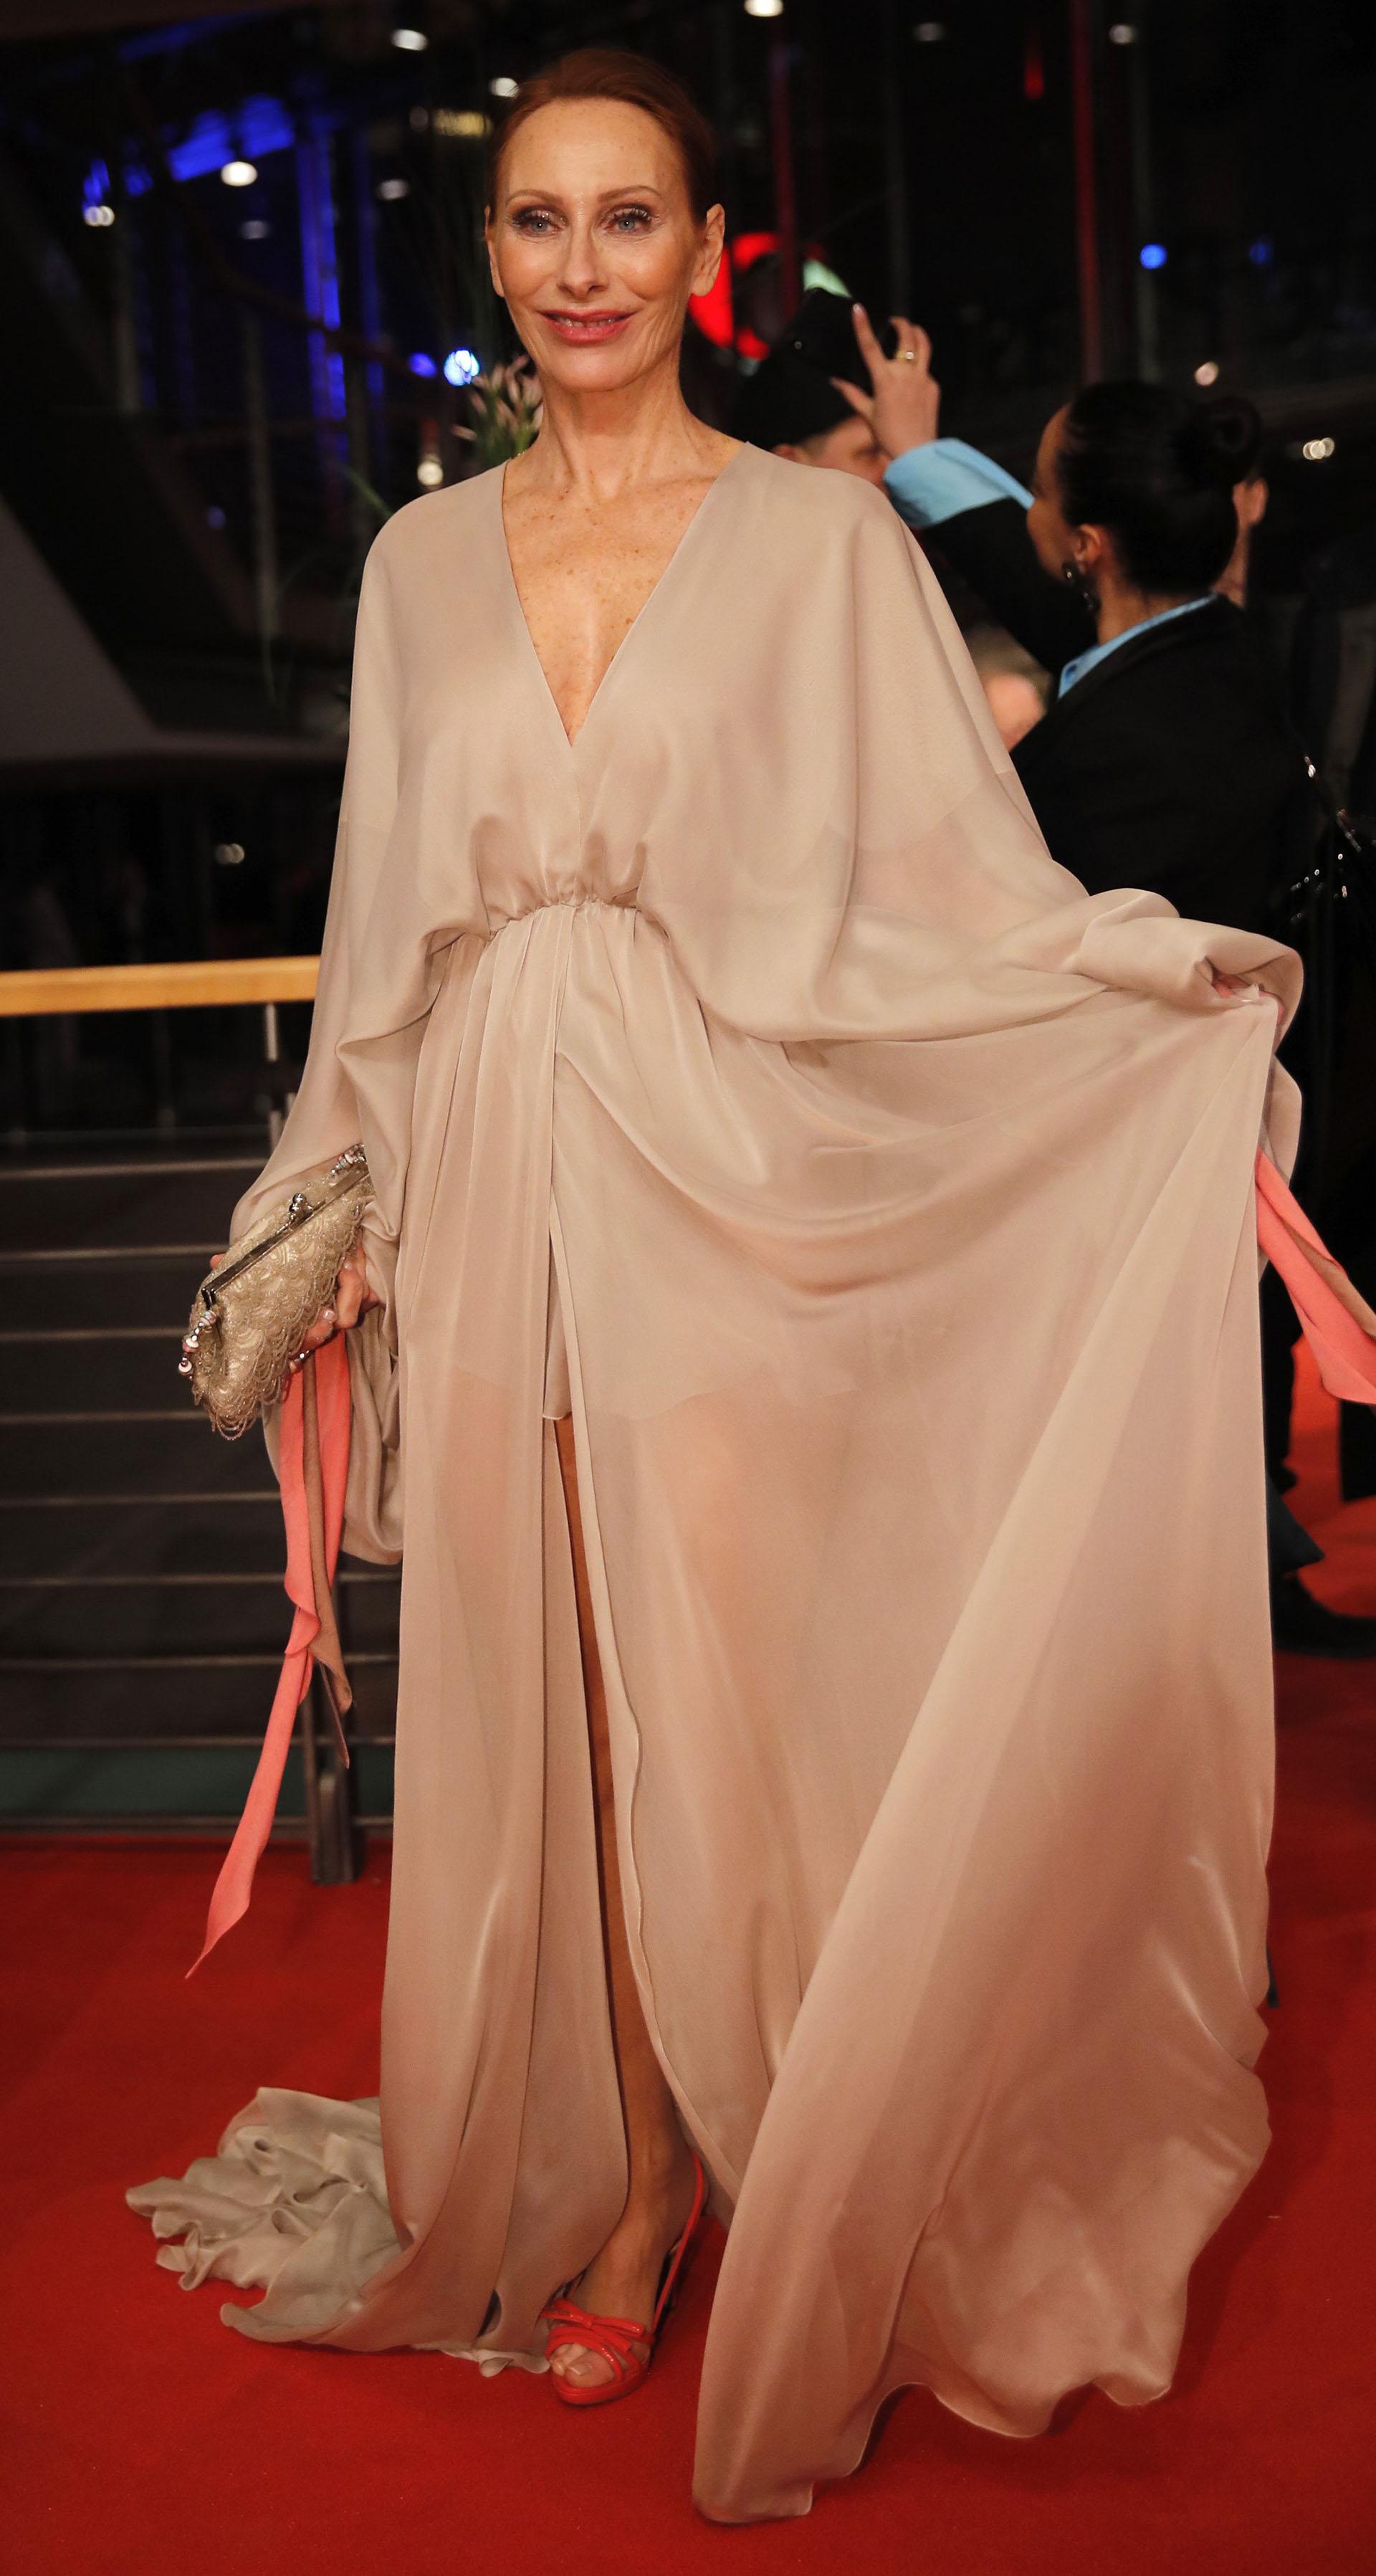 Andrea Sawatzki combinó con acierto un vestido nude con stilettos colorados